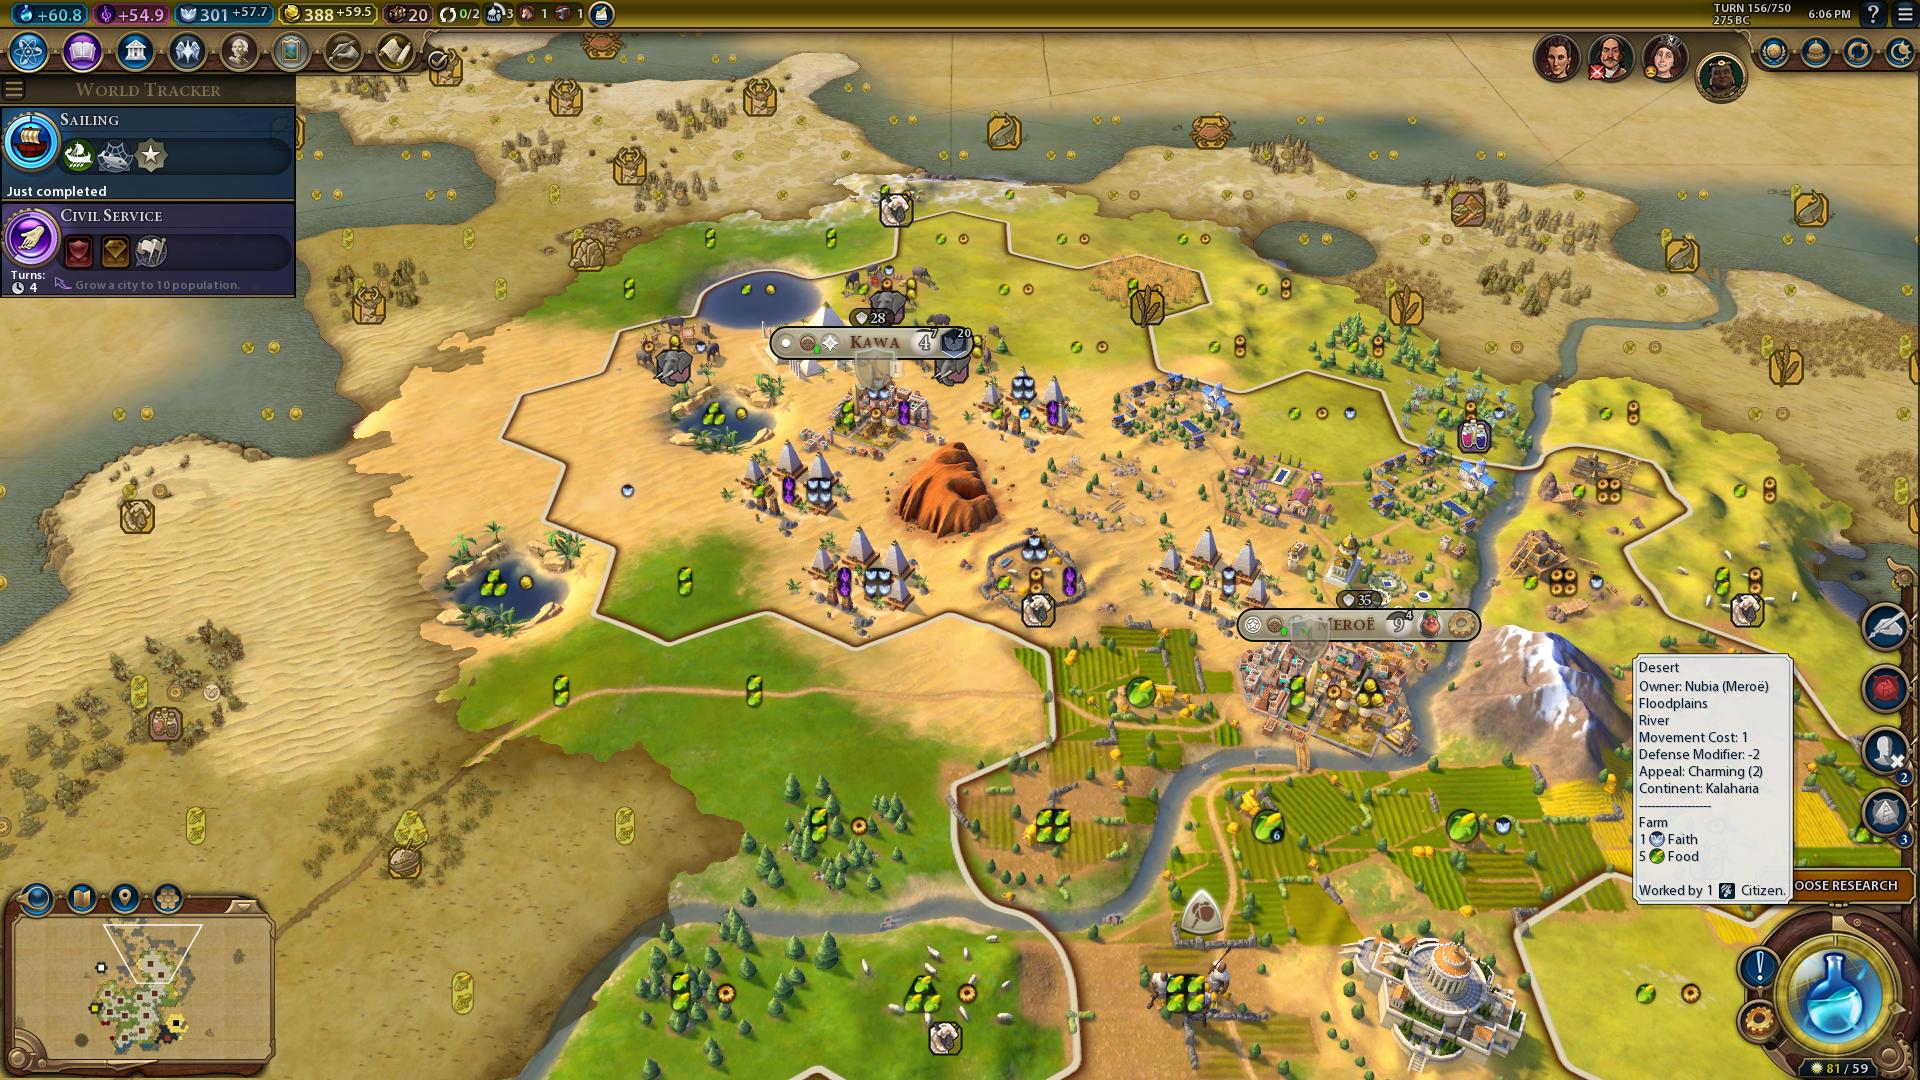 Sid Meier's Civilization VI (DX11) 6_10_2018 6_06_39 PM.png